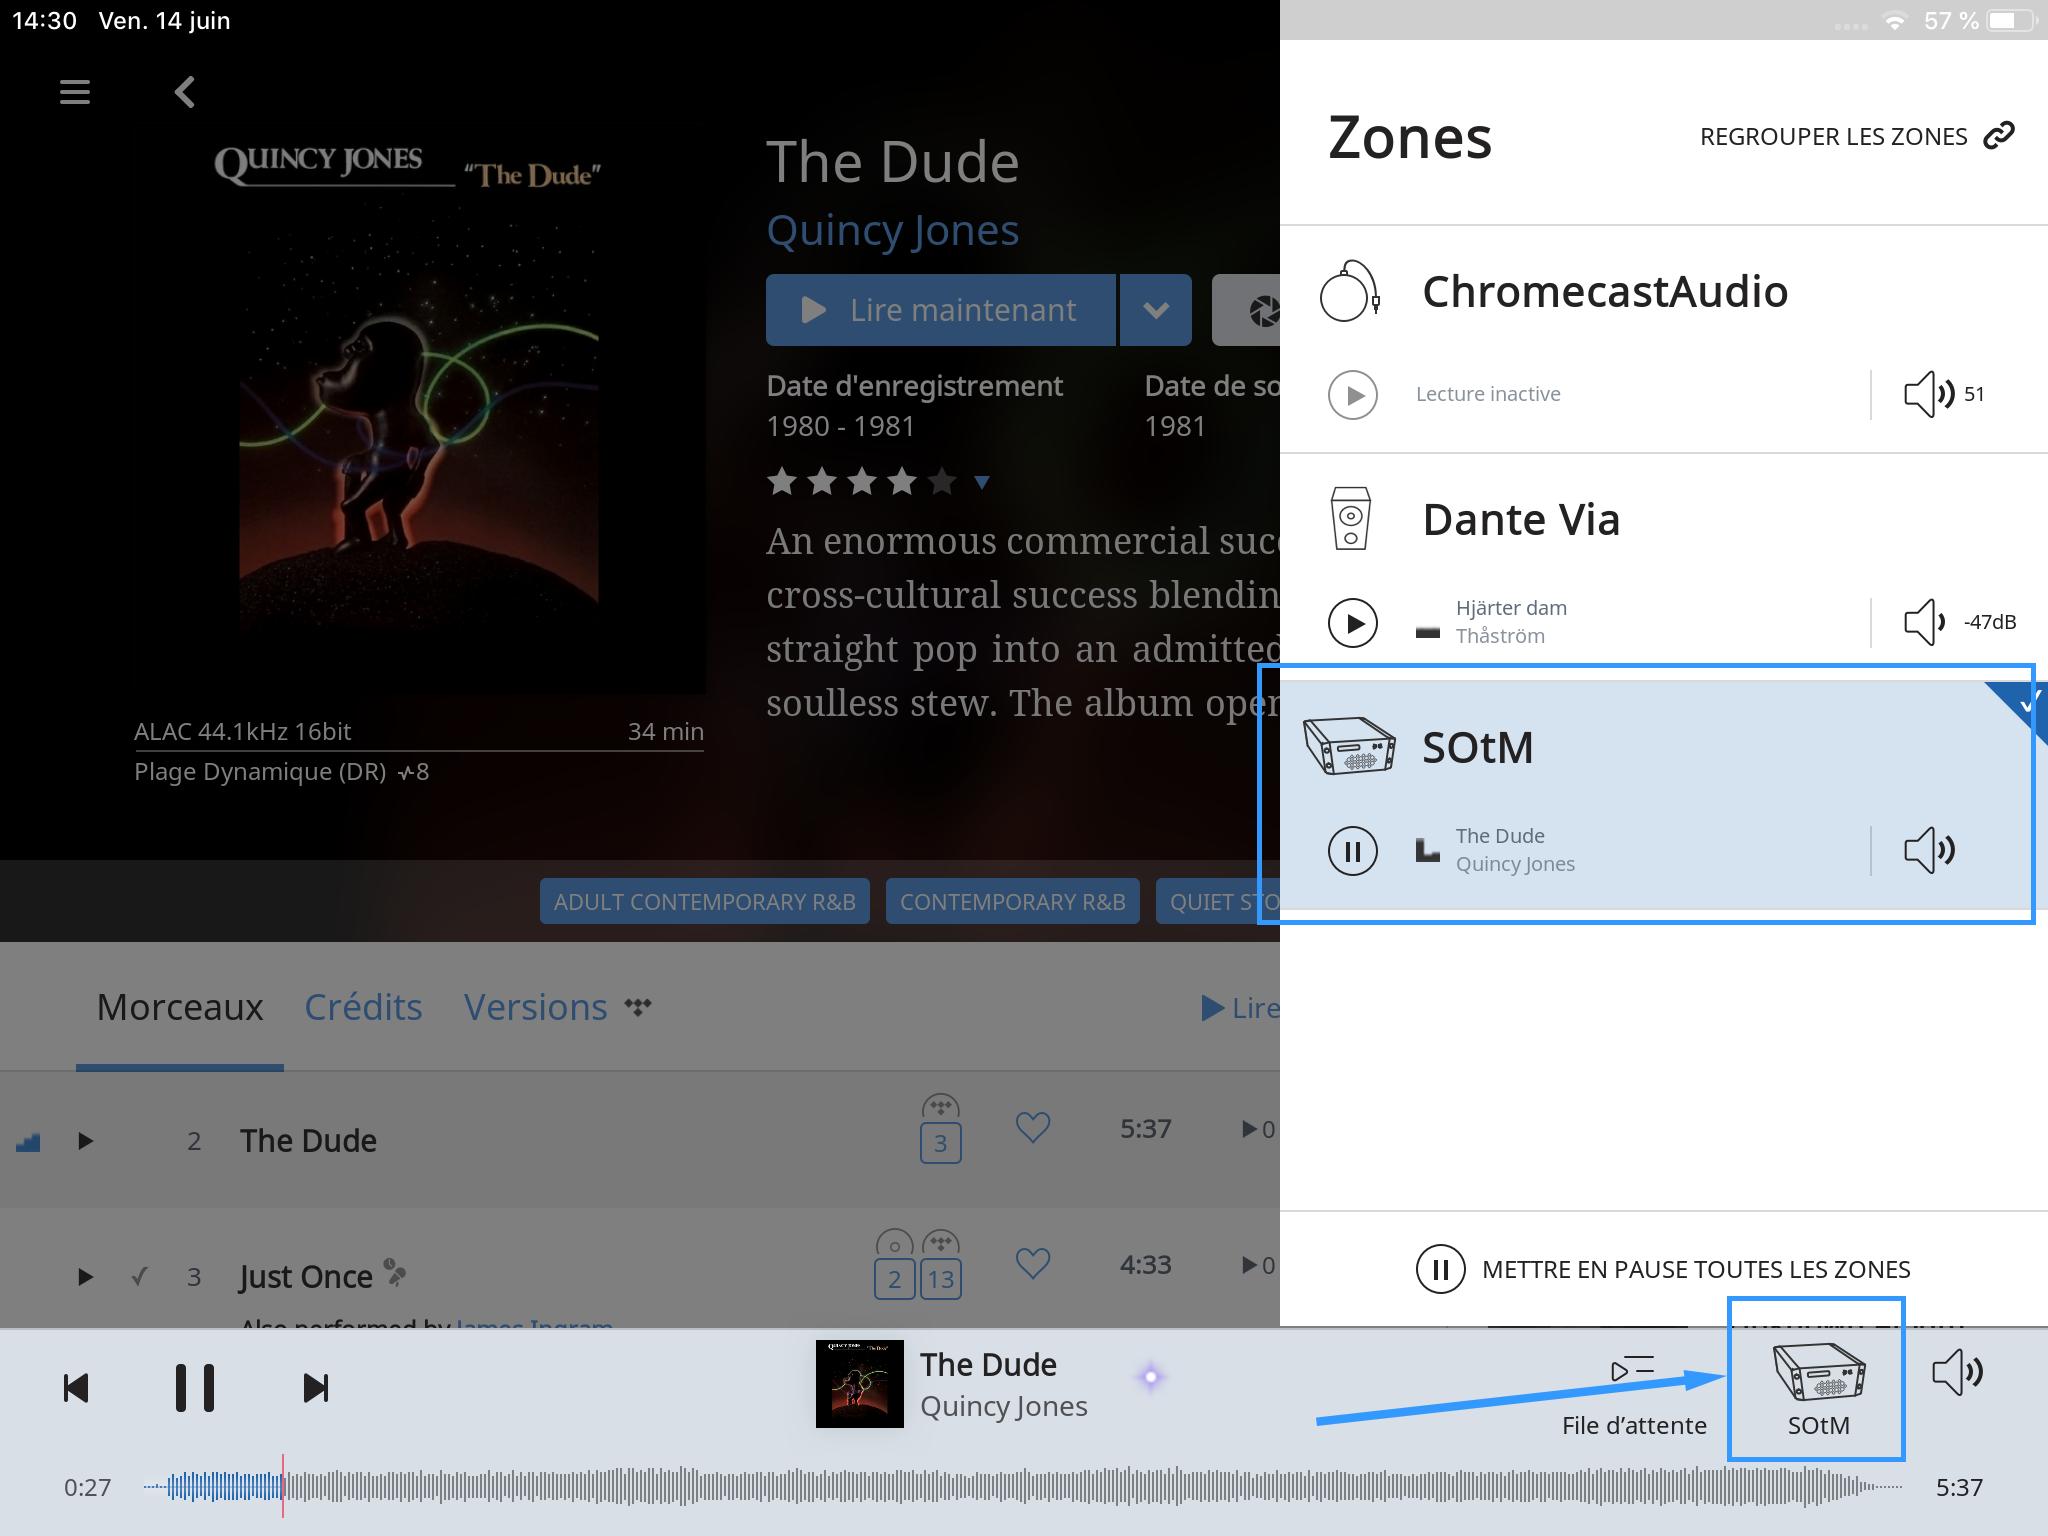 La liste de mes lecteurs Roon sur mon réseau. Avec le SOtM sMS-200 Ultra en volume sonore fixe.